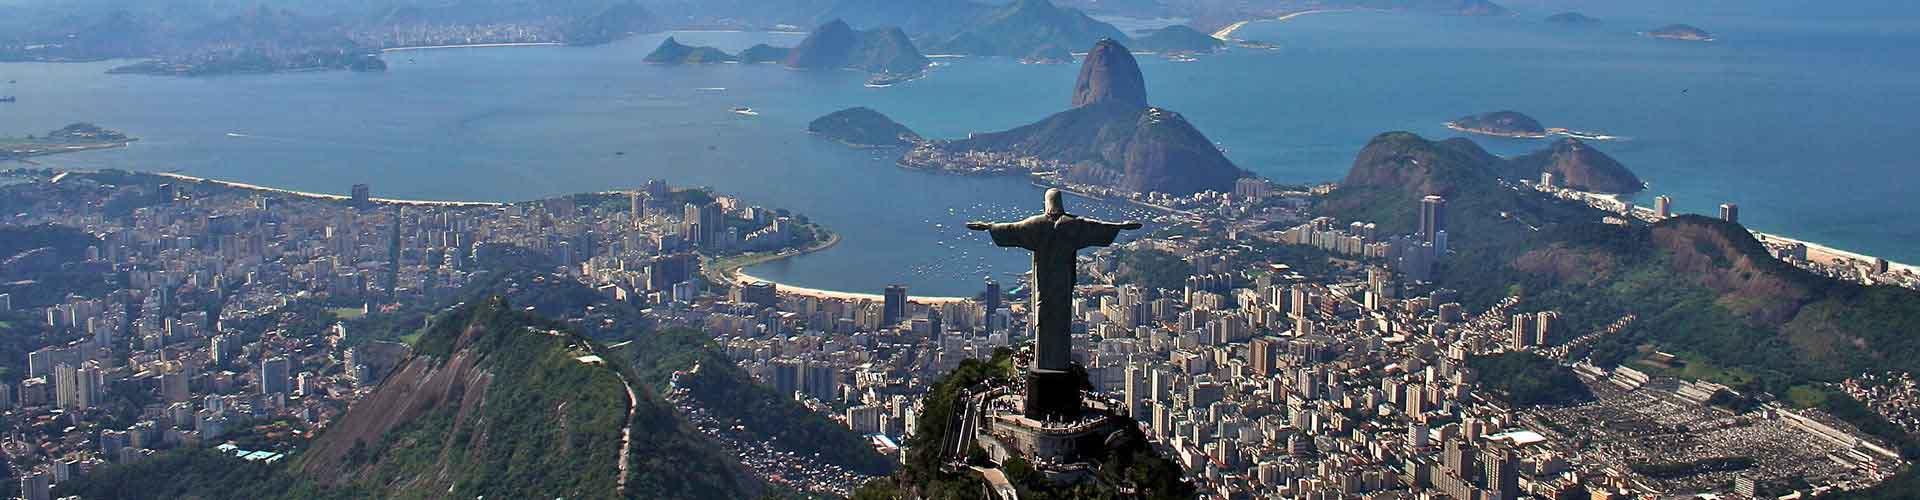 Rio de Janeiro - Ifjúsági Szállások Jardim Pedra Bonita városrészen. Rio de Janeiro térképek, fotók, és ajánlások minden egyes Ifjúsági Szállásra: Rio de Janeiro